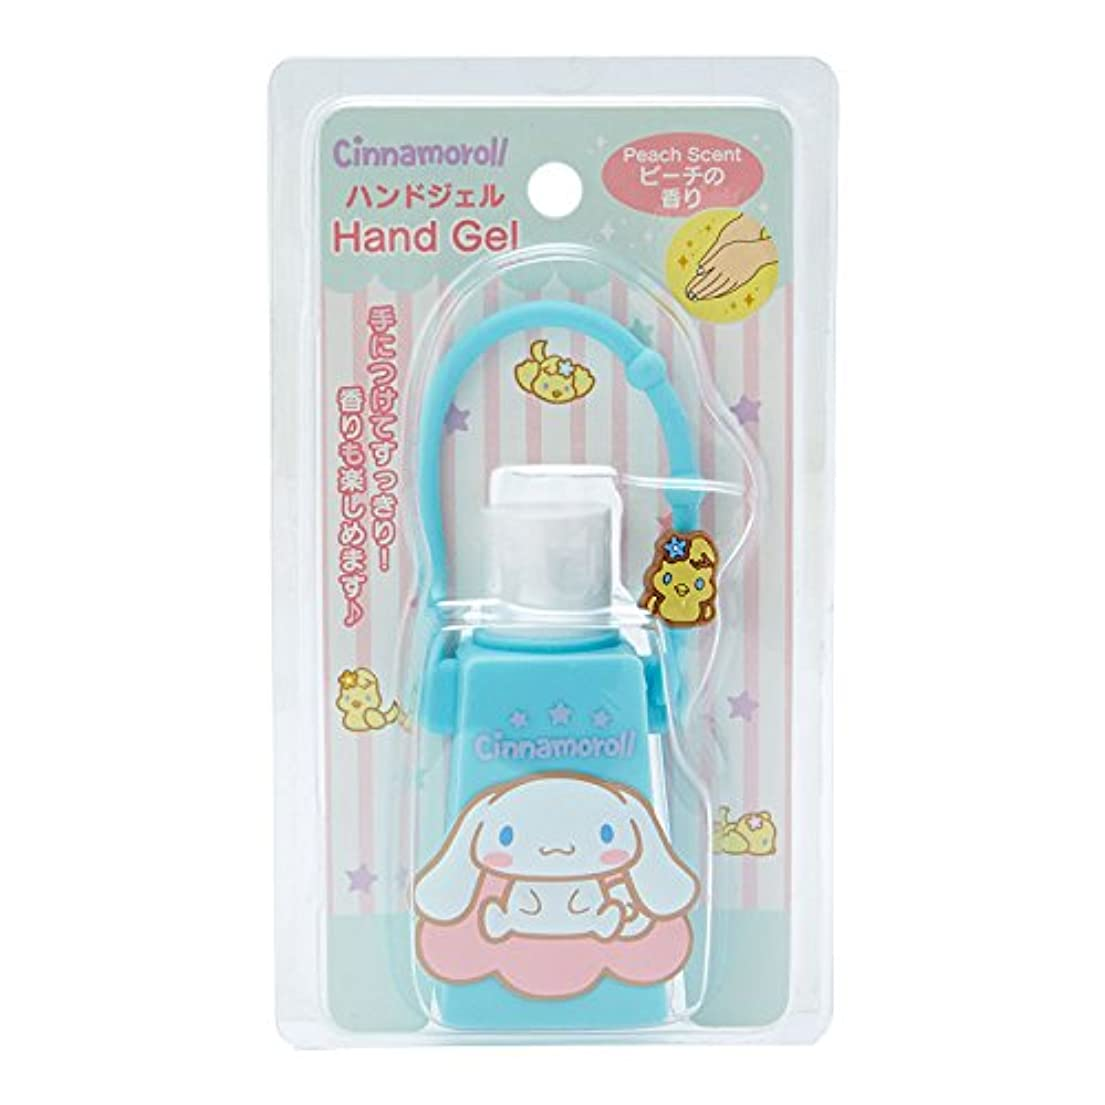 圧倒的セント消費者シナモロール 携帯ハンドジェル(ピーチの香り)